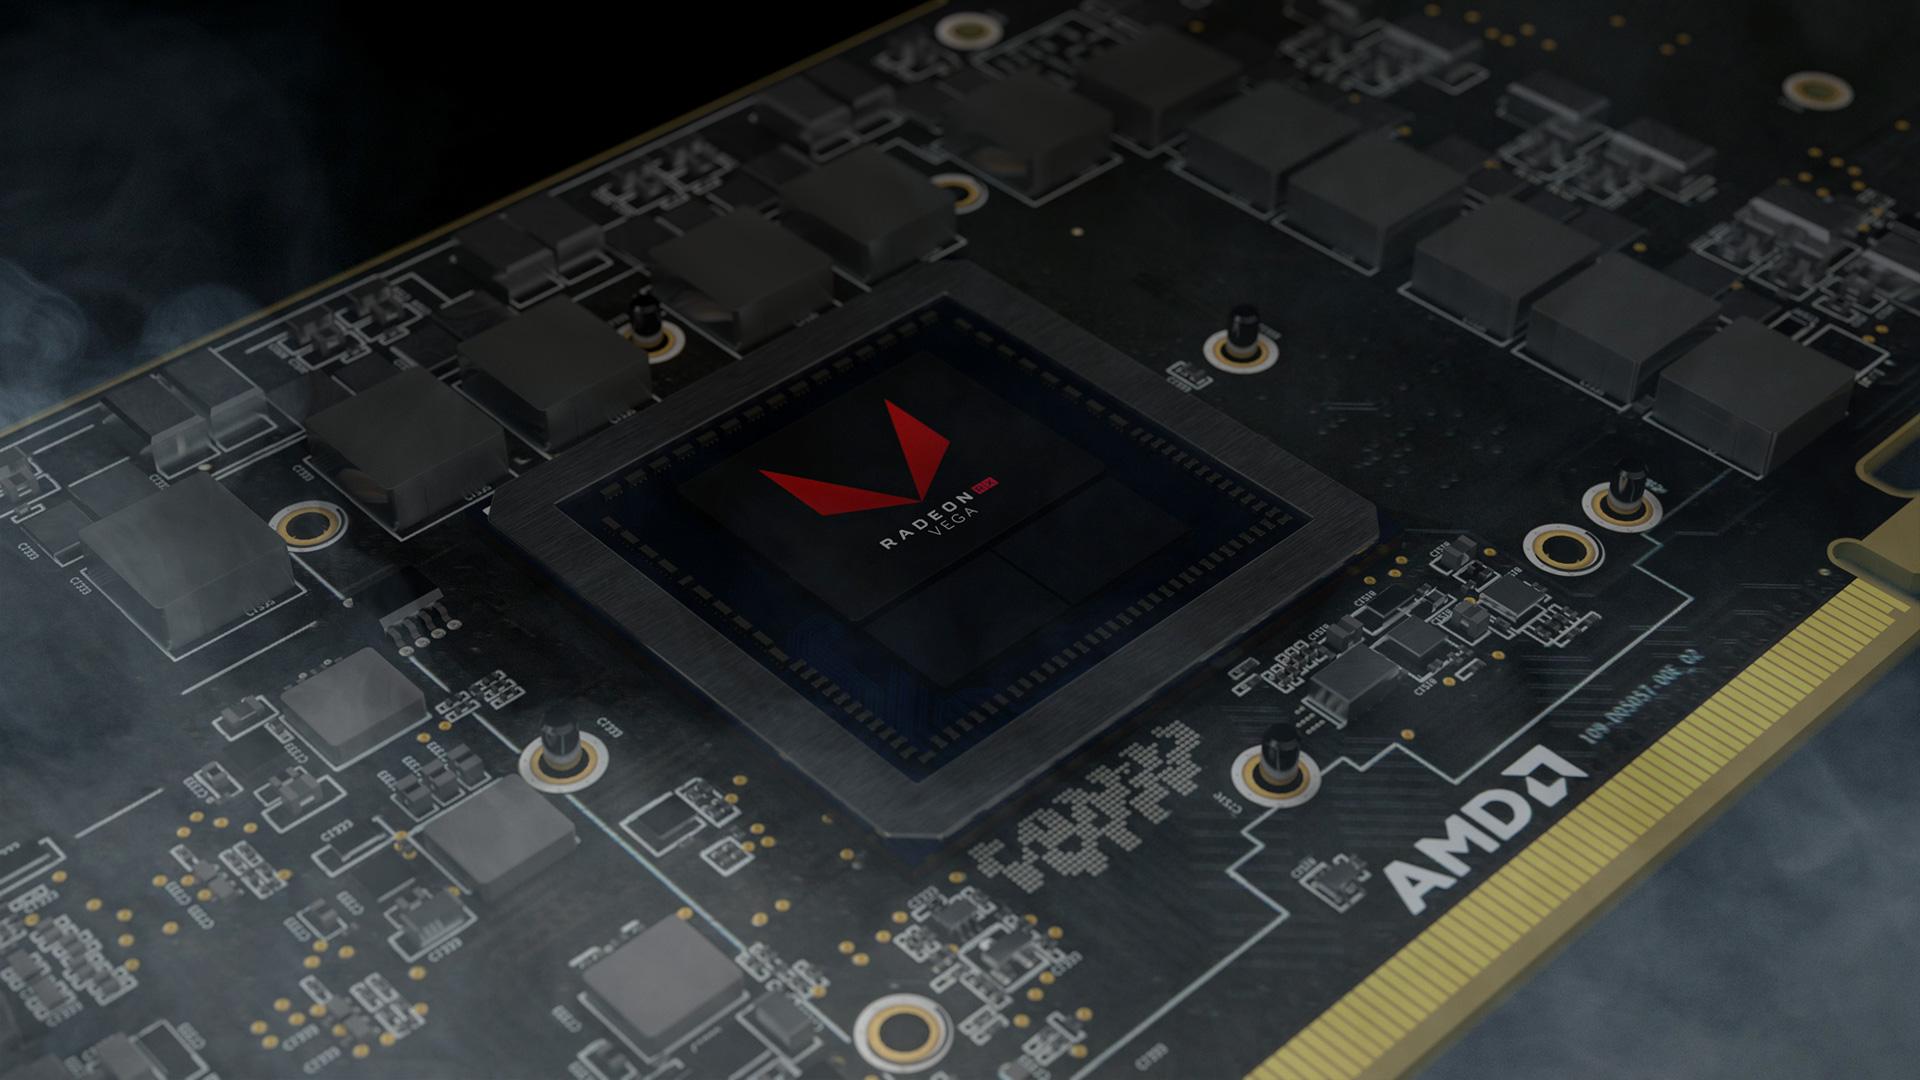 Bitcoin Cloud Mining >> AMD Radeon RX Vega 64 – The New Mining Standard - 1st ...